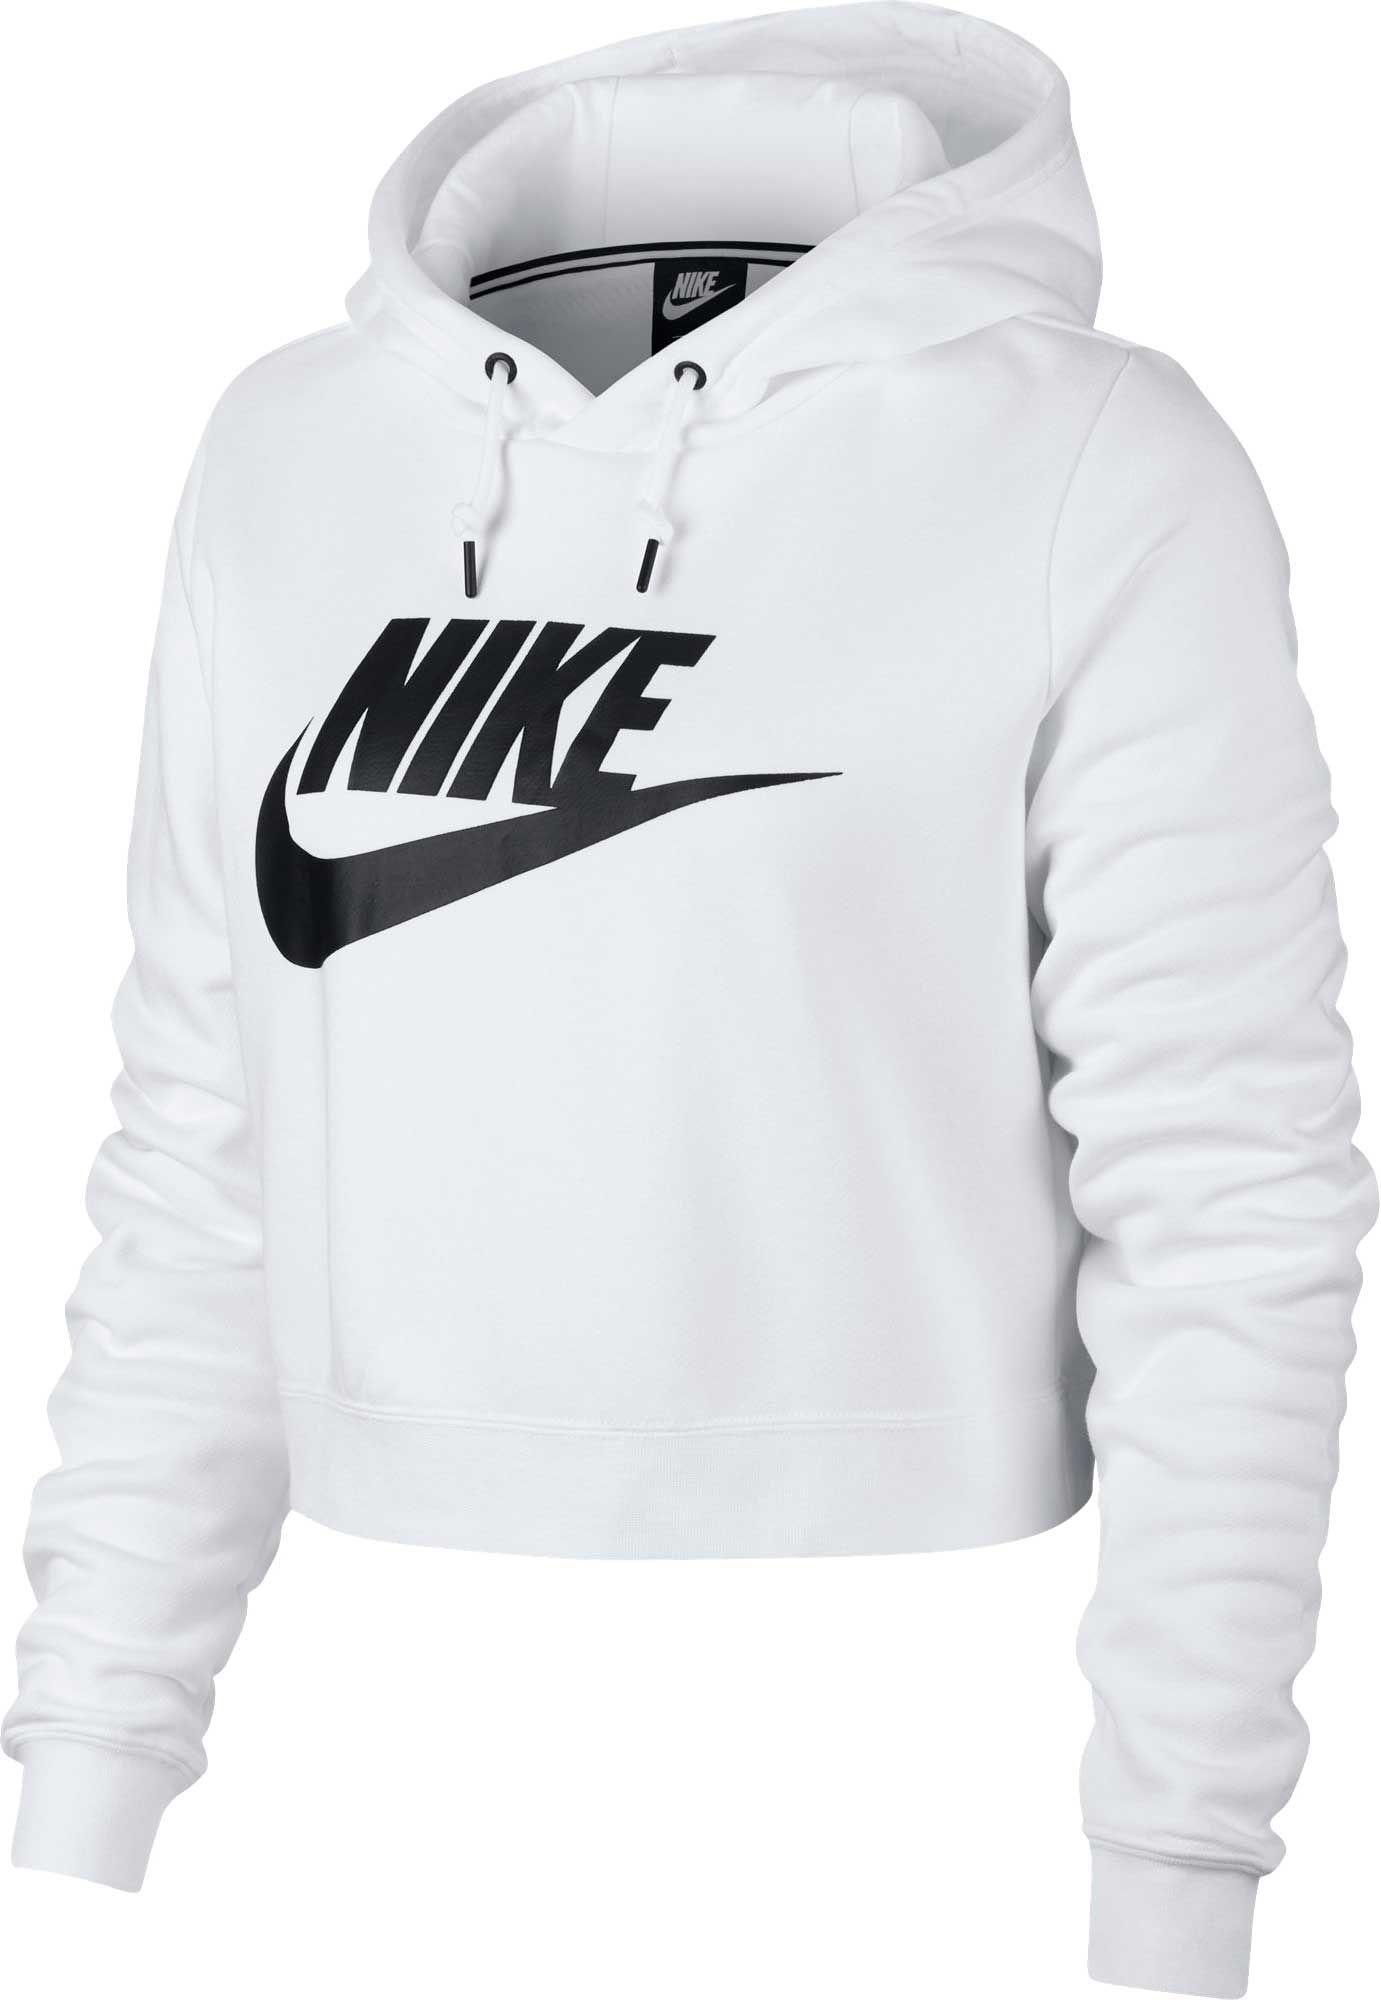 9fc86e803314 Nike Women s Sportswear Rally Cropped Hoodie